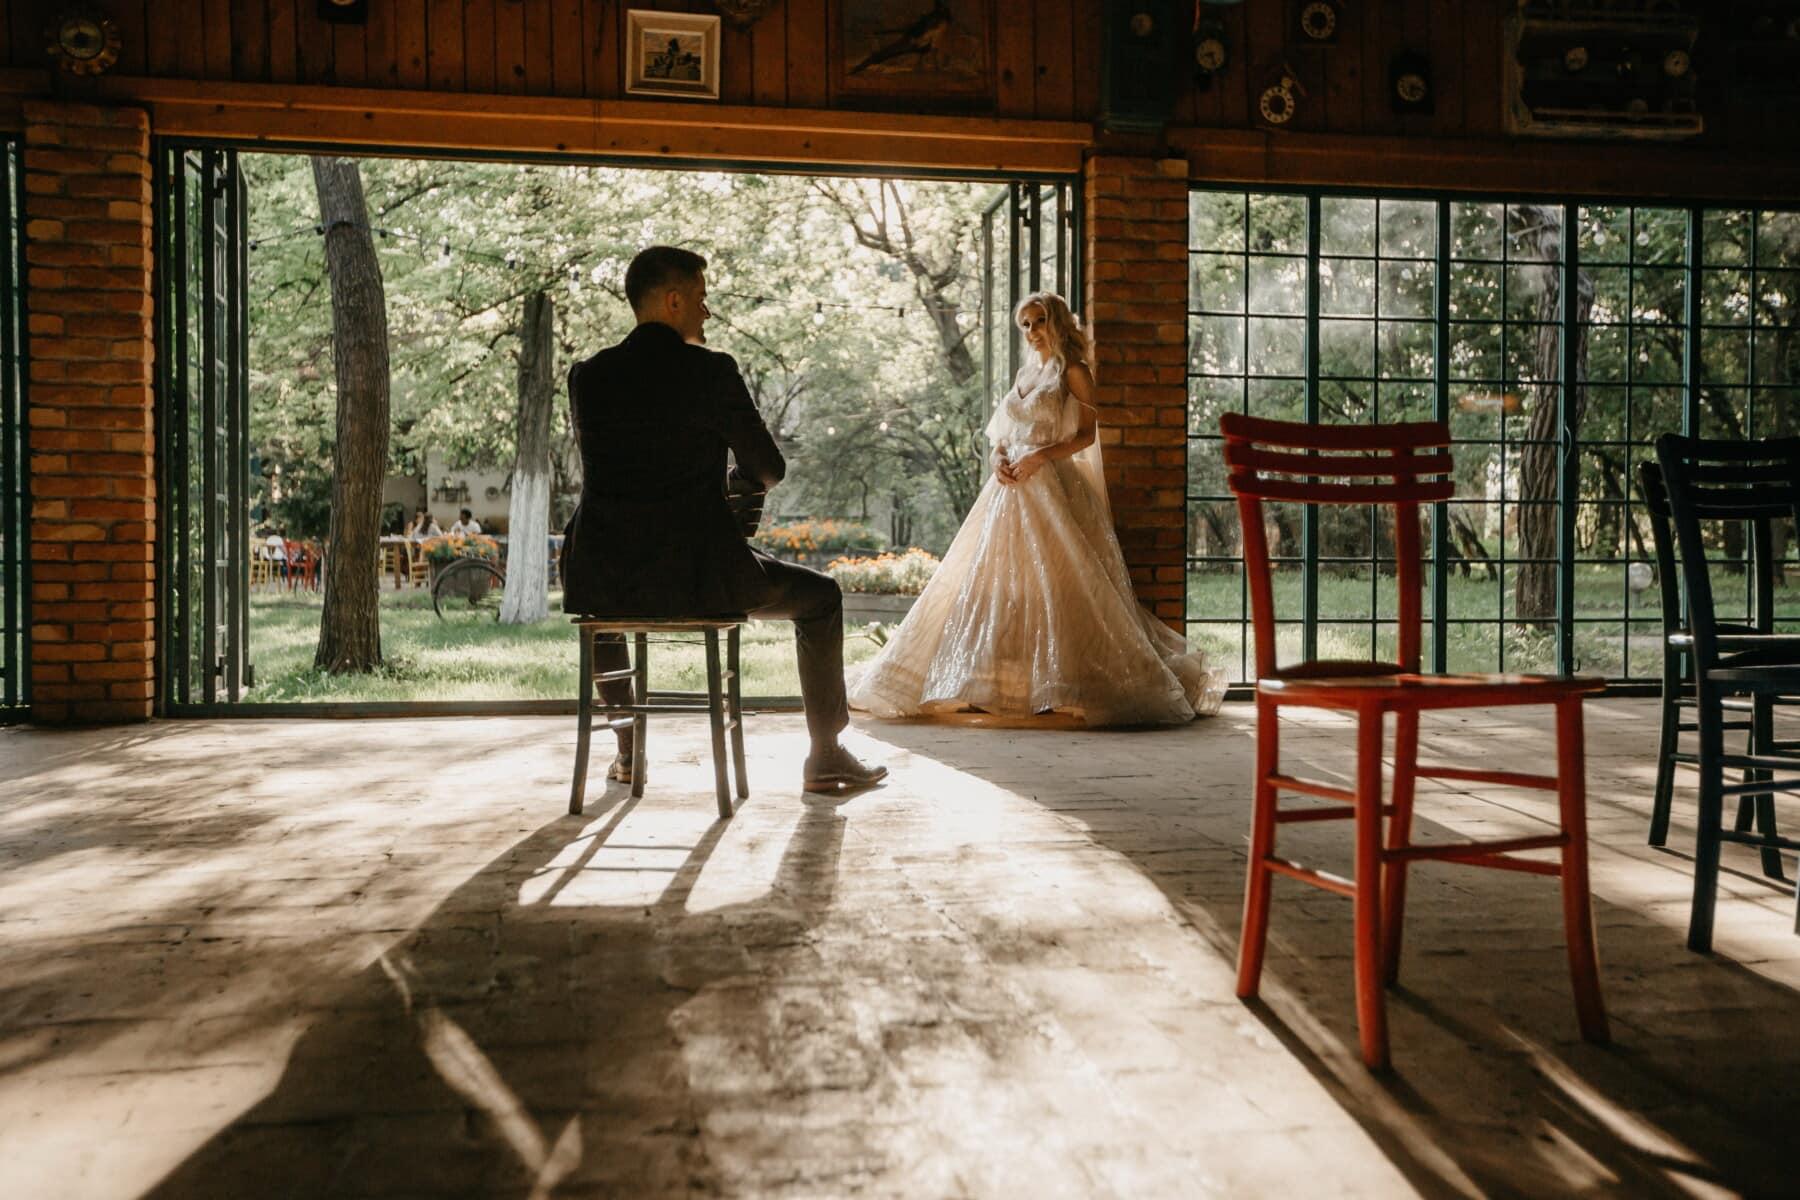 Braut, Bräutigam, Lager, Hochzeitsort, industrielle, Hochzeit, Menschen, Terrasse, Mädchen, Frau